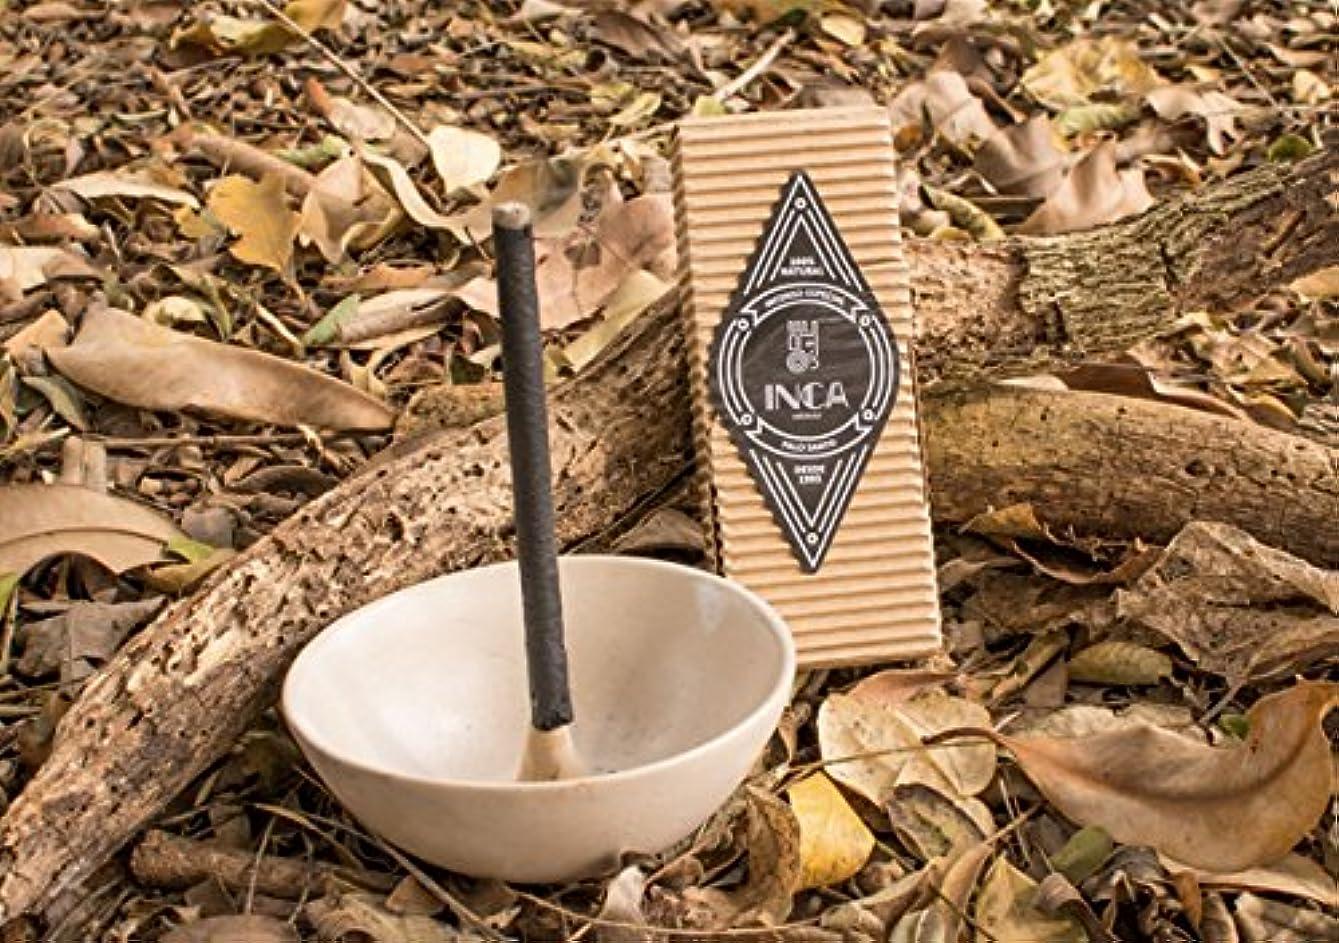 まつげ高原フェリー新しいボックスの9プレミアムPalo Santo Incense Sticks :手作り100 %ナチュラル、アーティザンand Therapeutic Incense Stickからのブラジルアマゾンフォレスト、経験正...